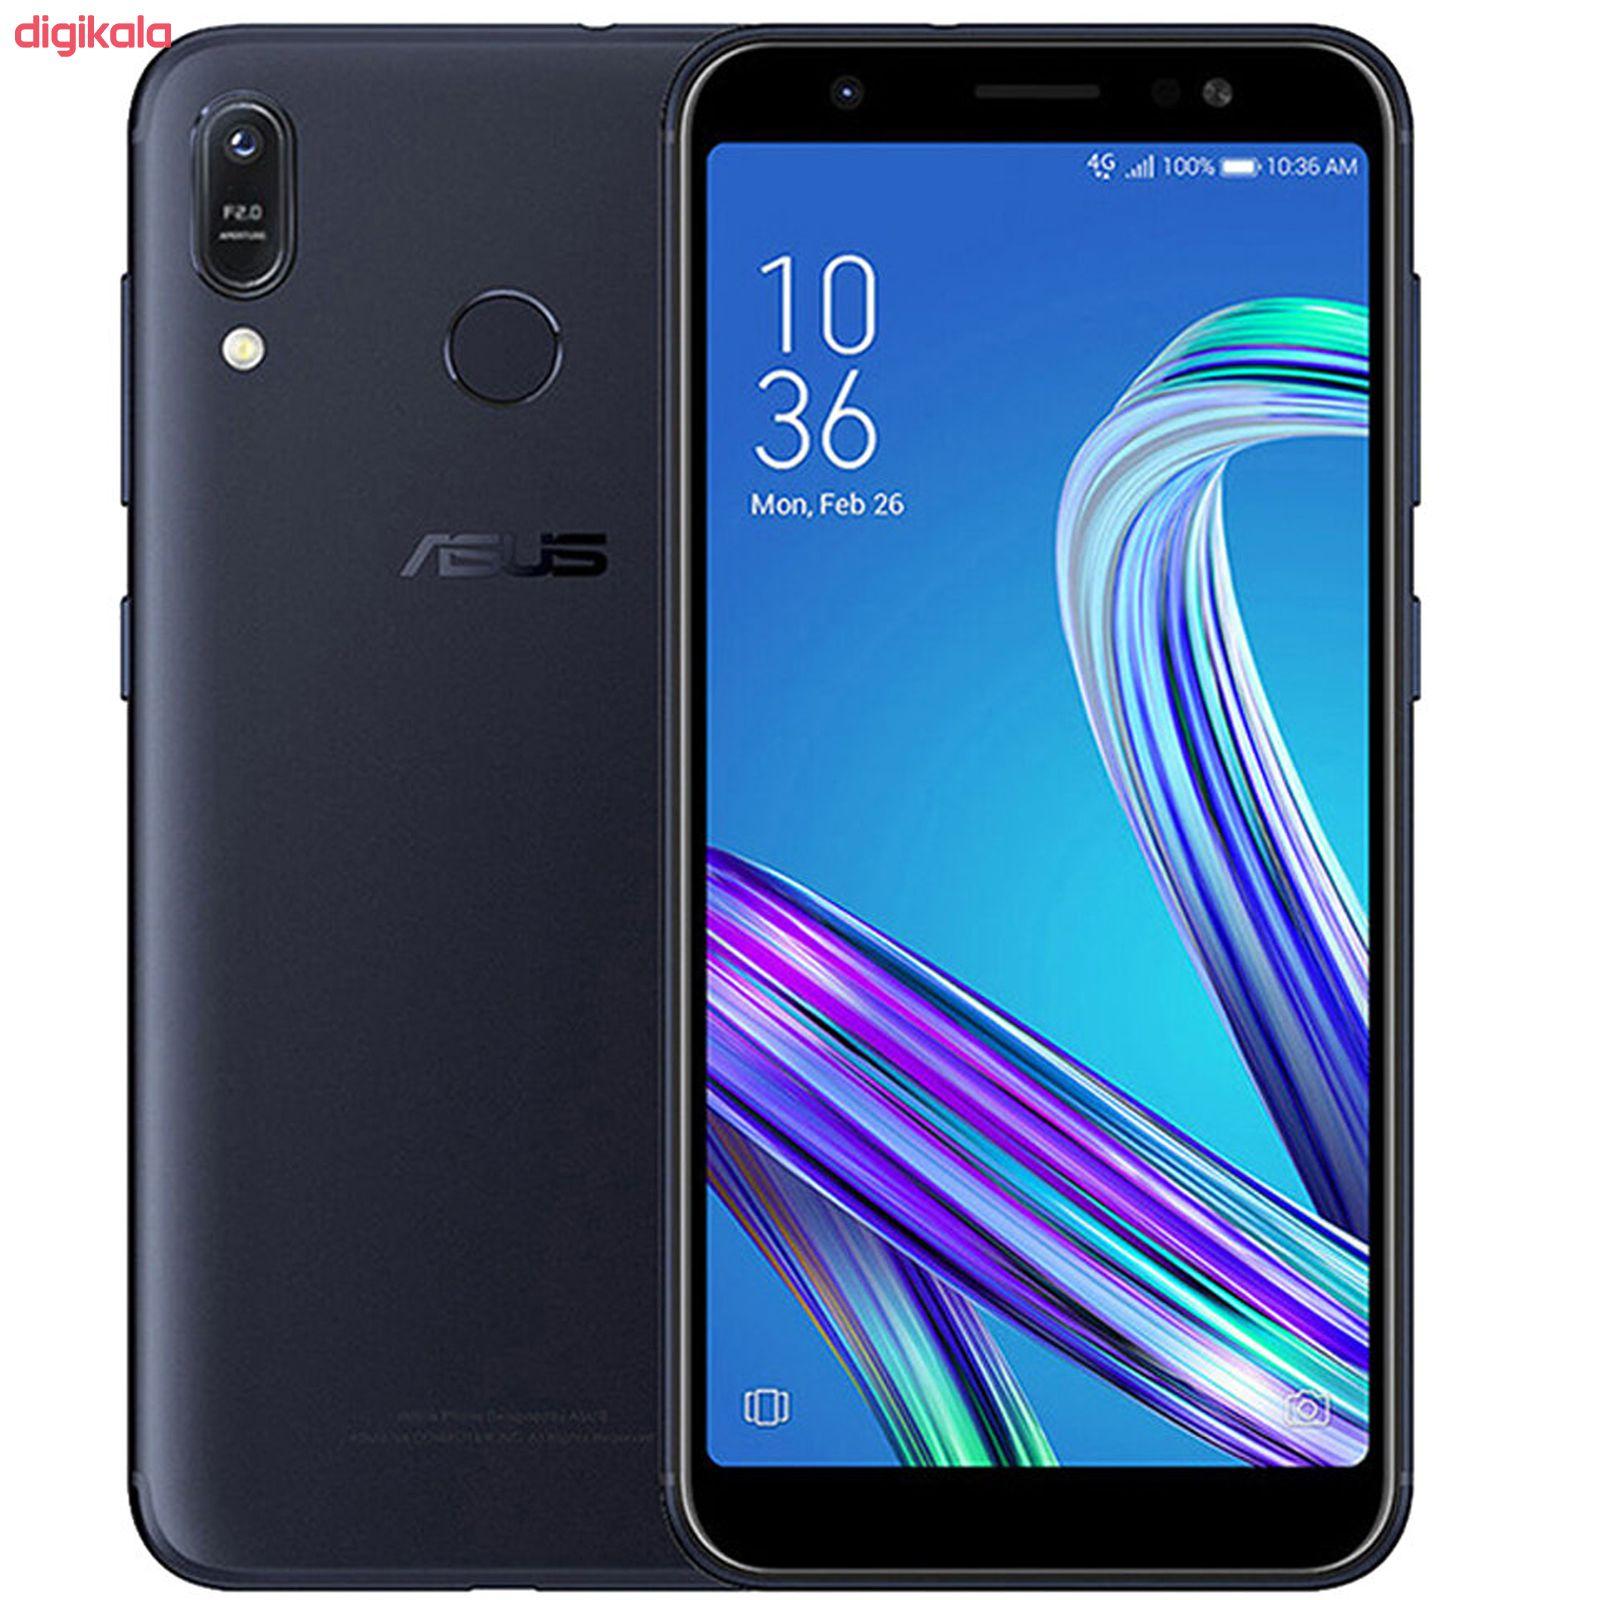 گوشی موبایل ایسوس مدل Zenfone Max ZB555KL دو سیم کارت ظرفیت 32 گیگابایت main 1 2